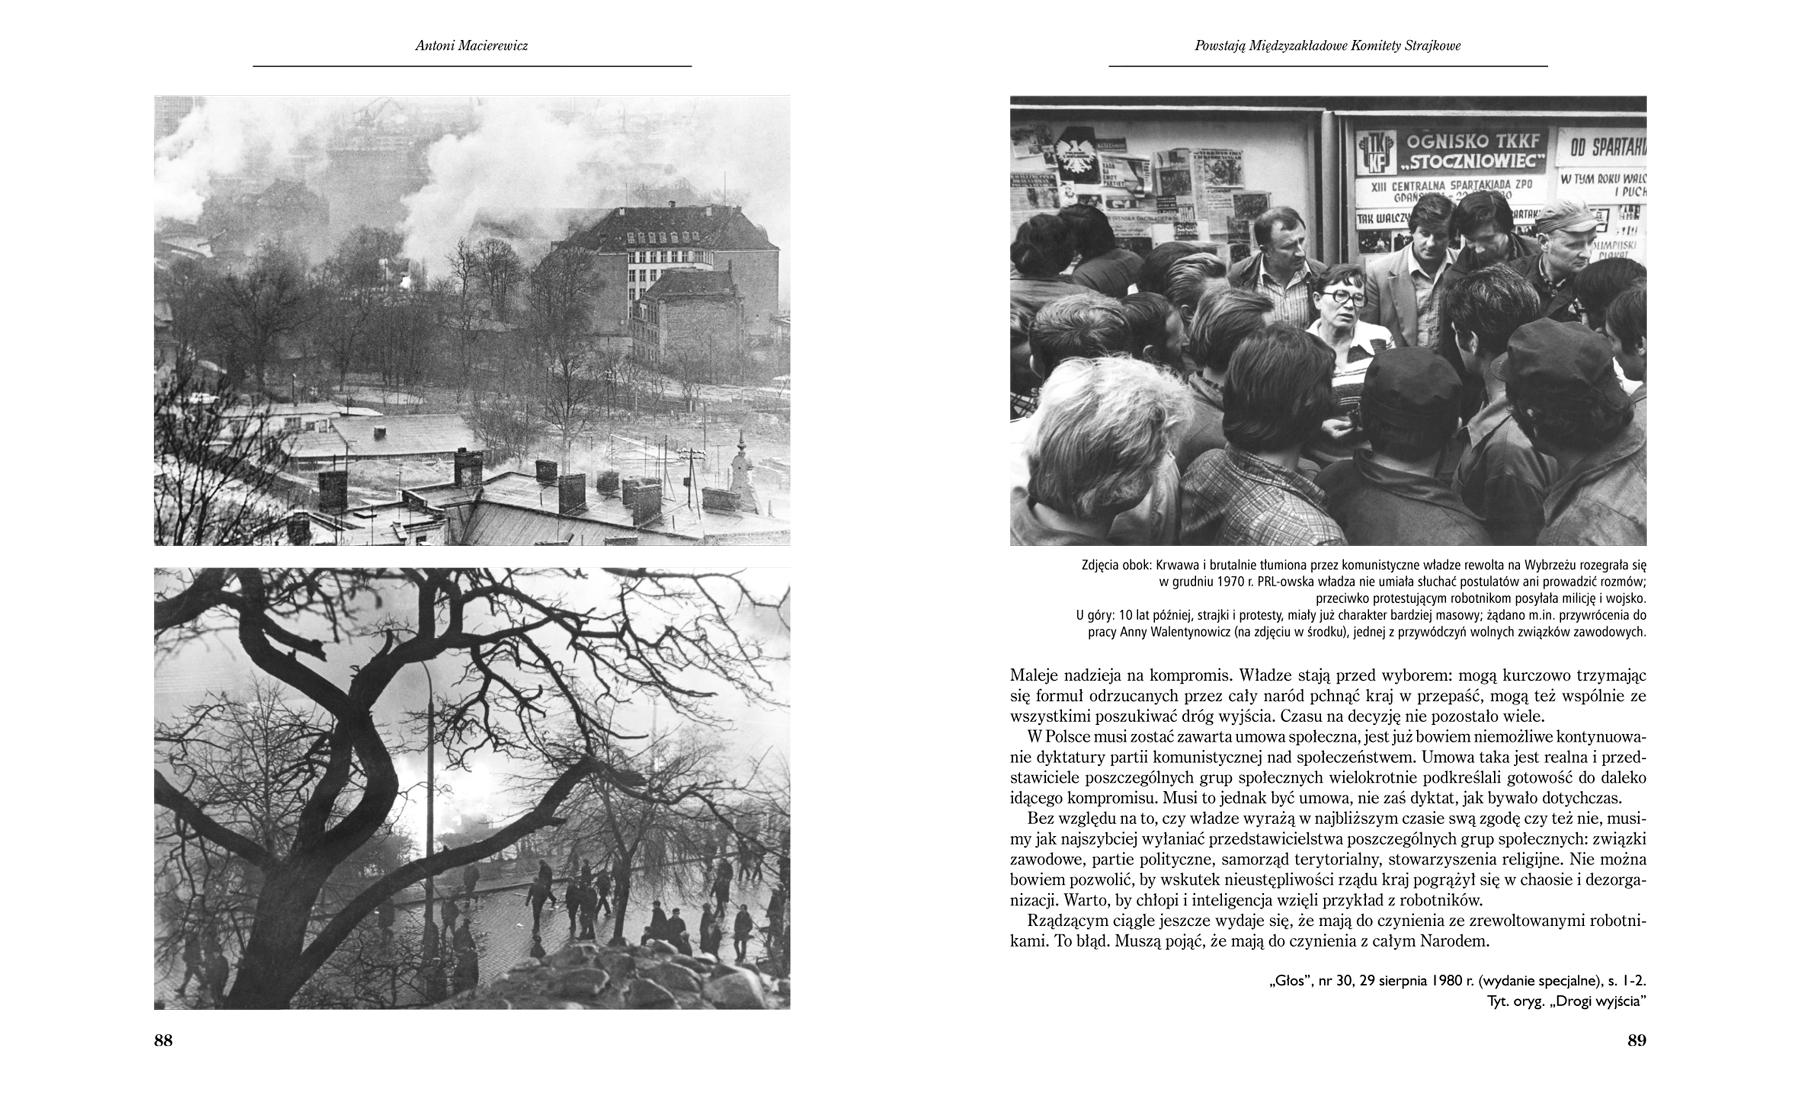 Głos Niepodległości - strony 88-89